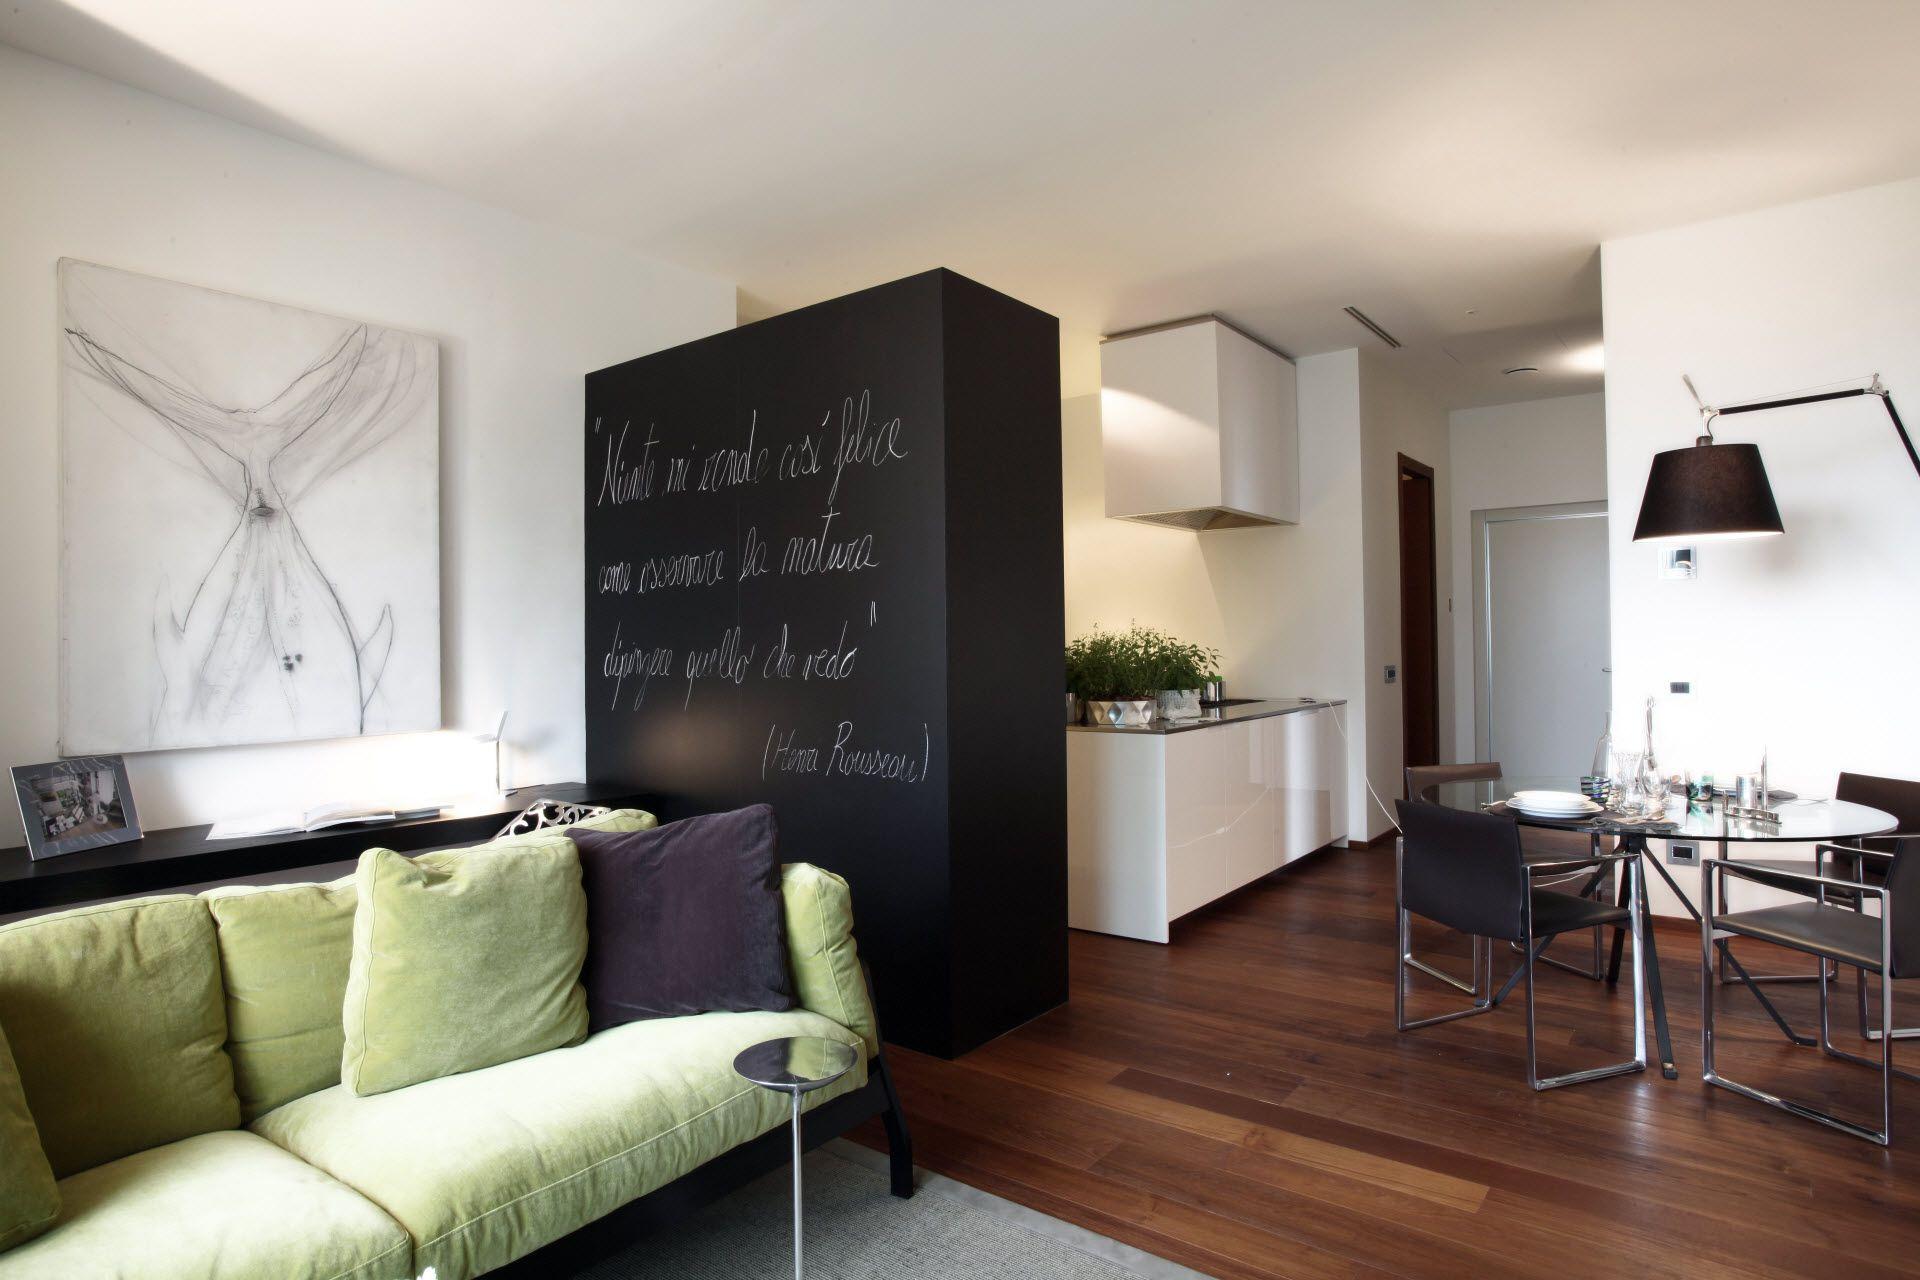 #Vimar bosco verticale, mini appartamento con apparecchiature elettriche della serie Eikon Evo